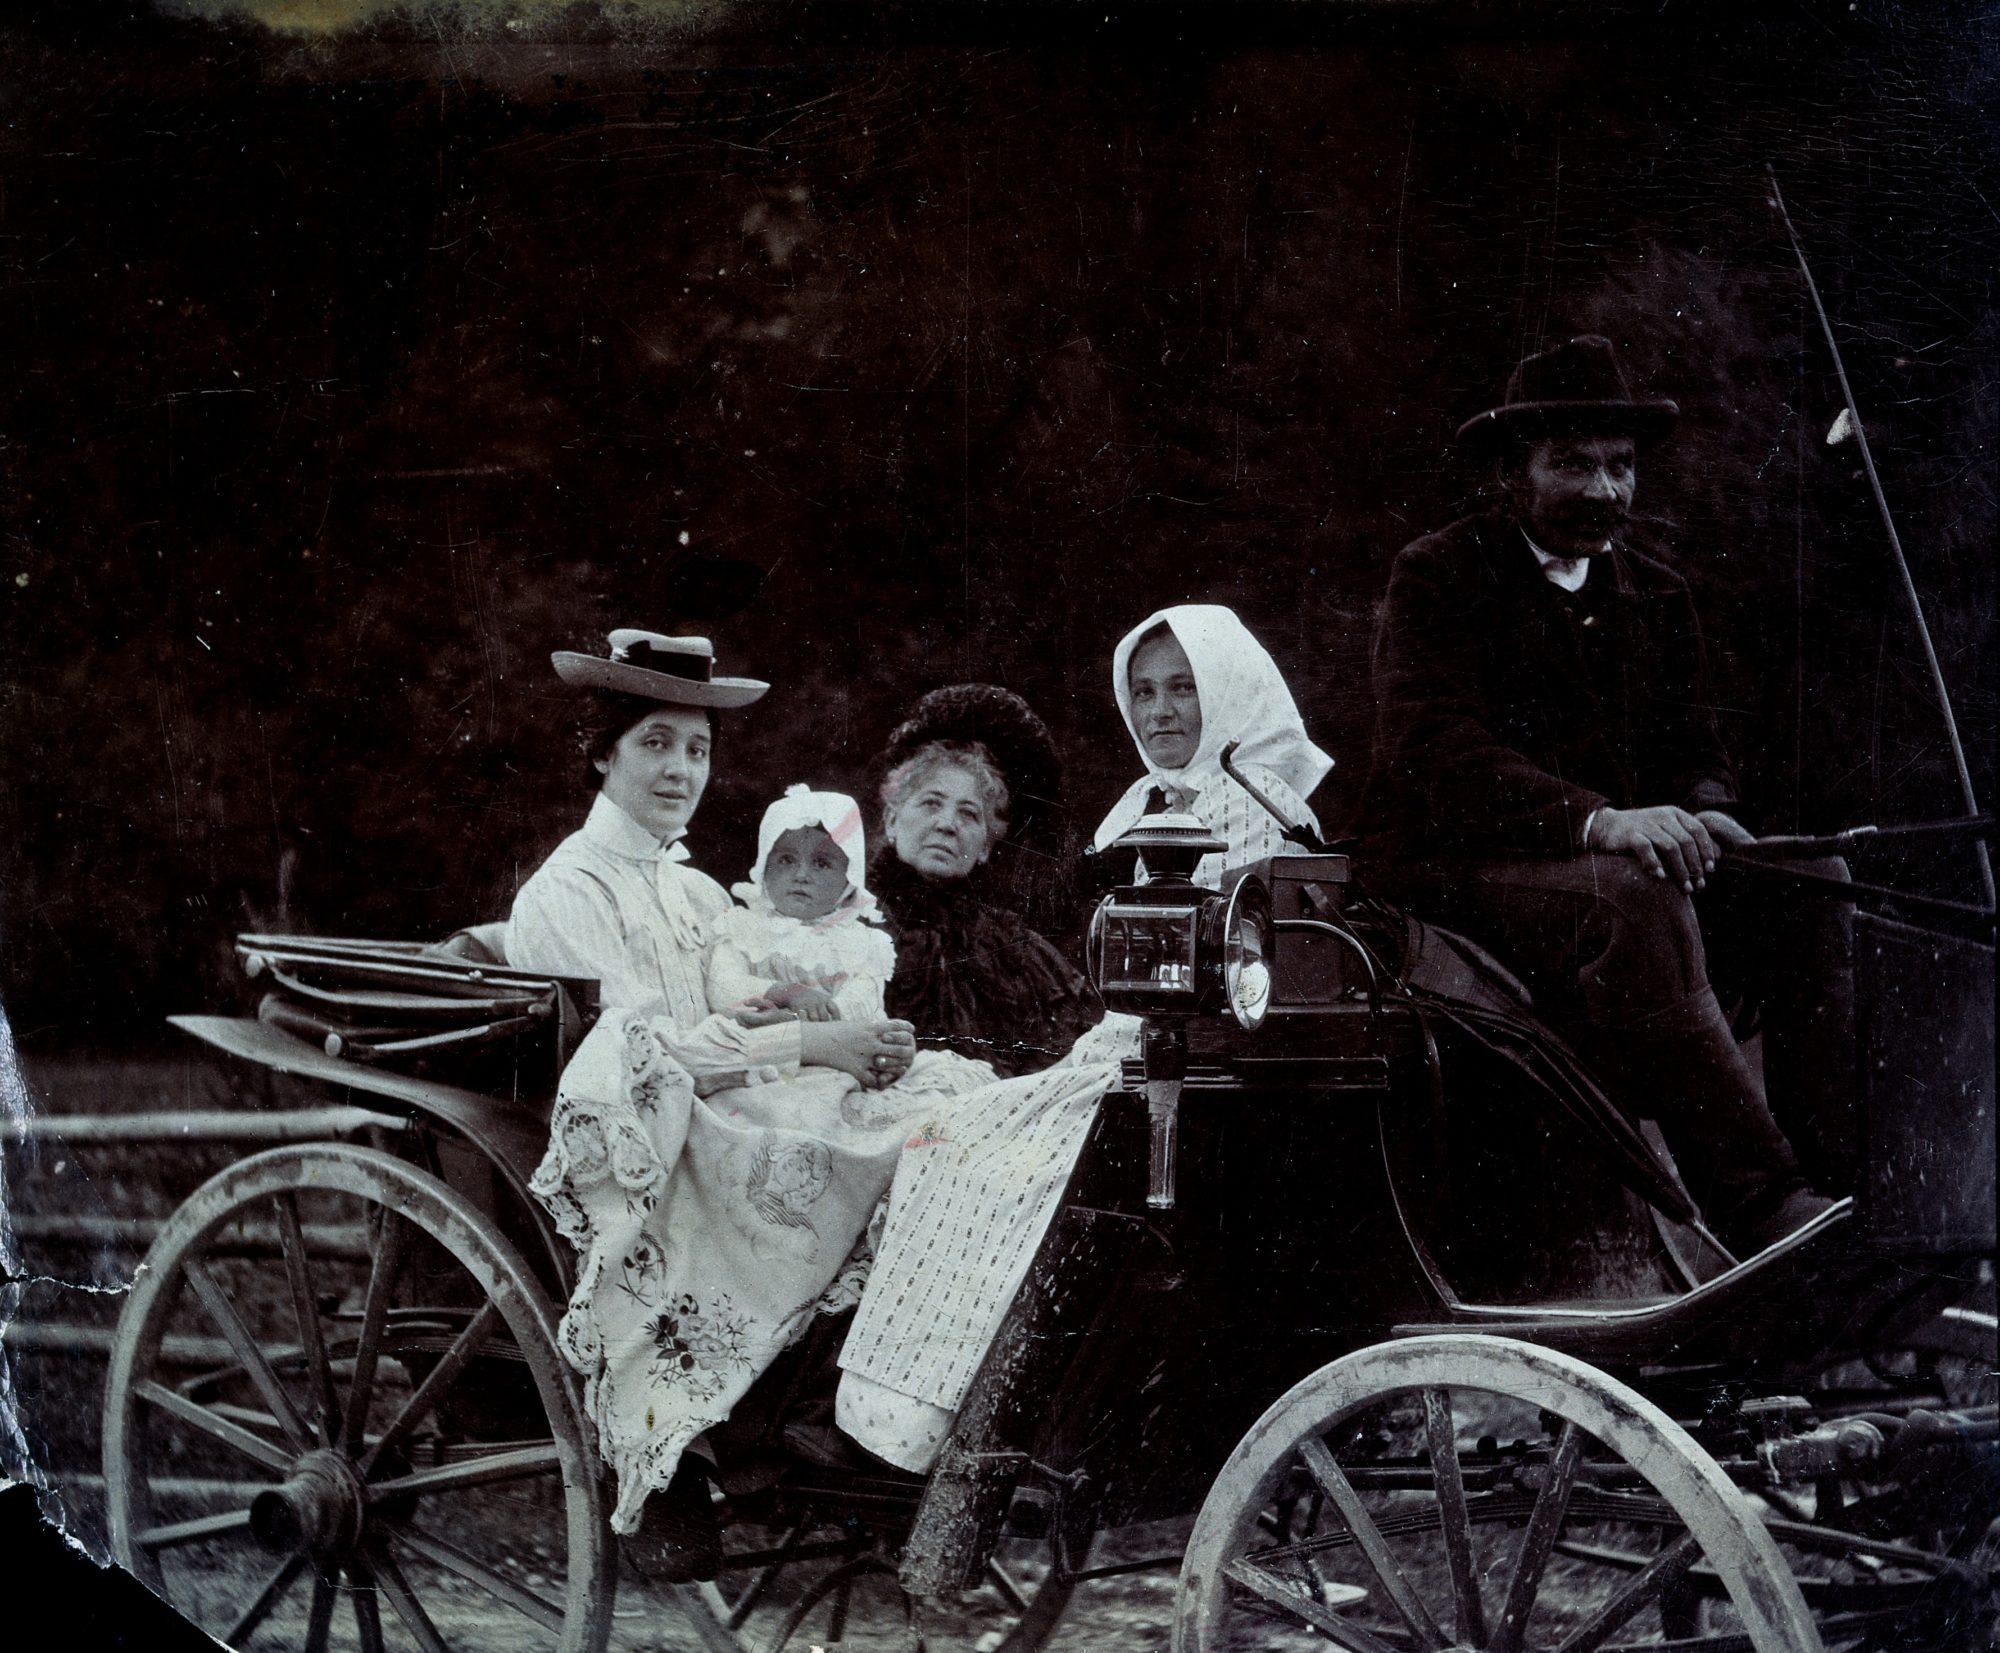 Melanie avec Melitta bébé et sa mère Libussa, dans une calèche